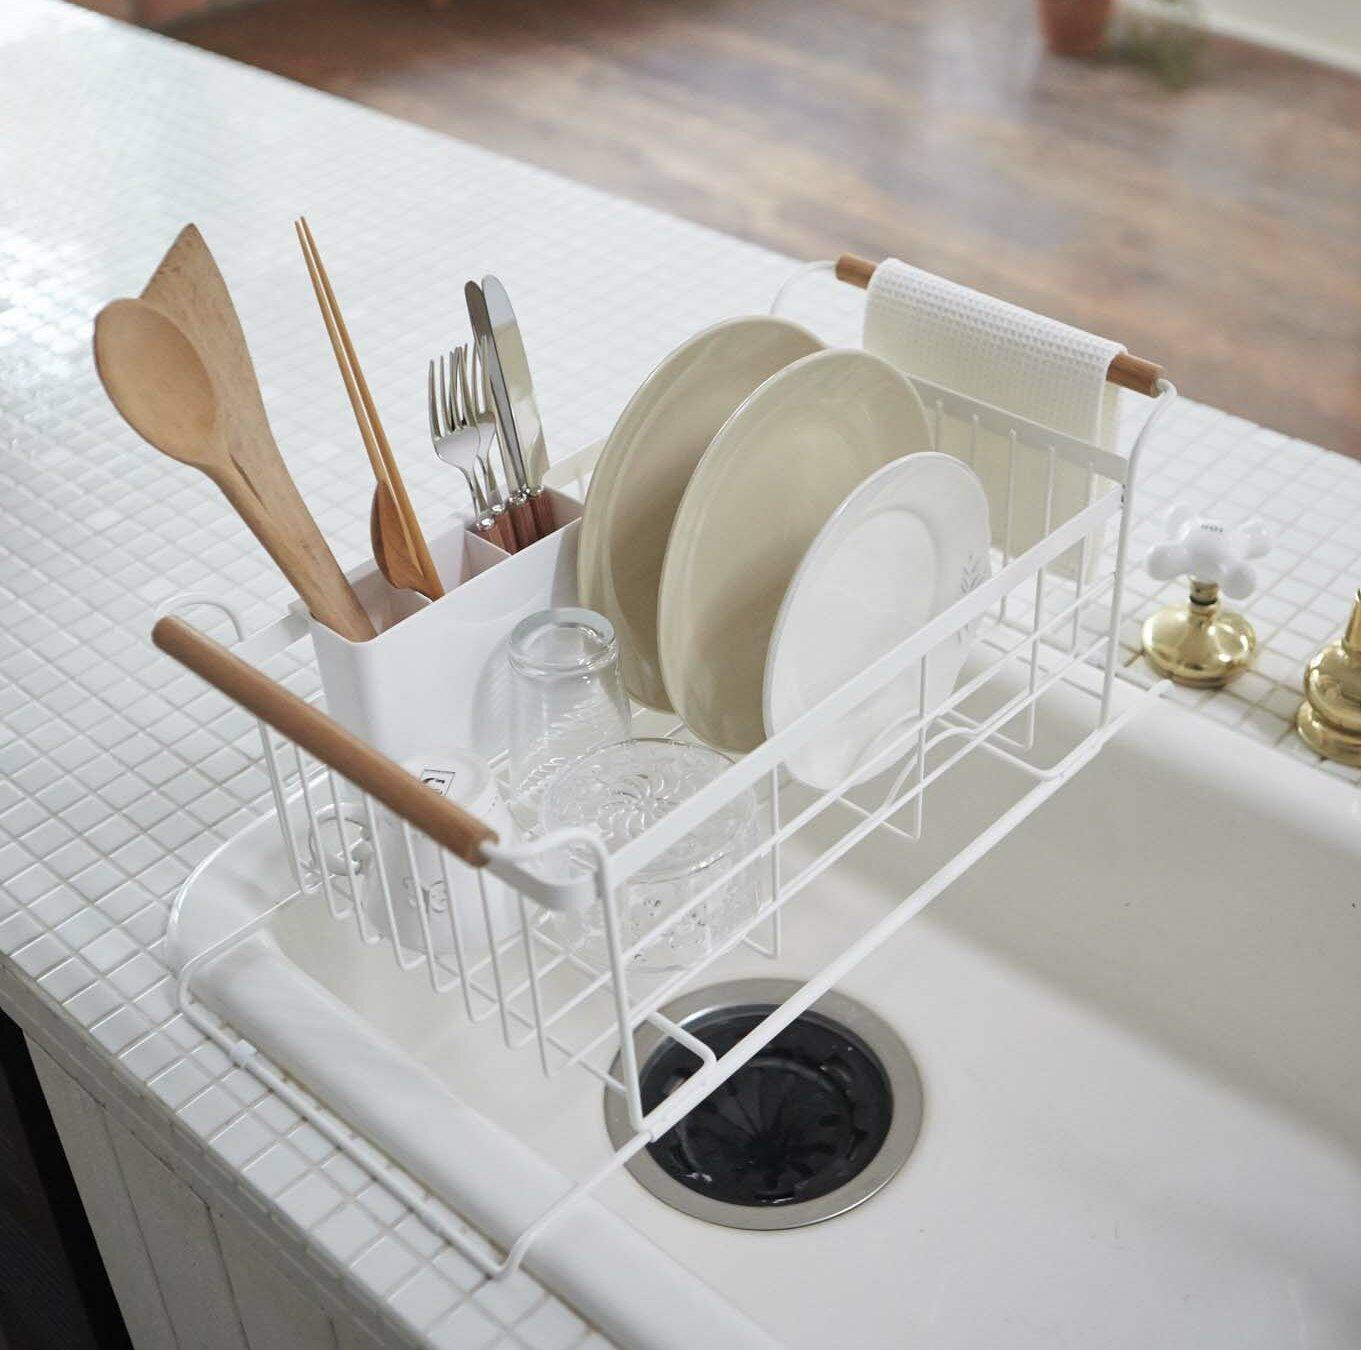 37f3e6086b32 Corrigan Studio Jamari Over-the-Sink Dish Drainer Rack & Reviews |  Wayfair.ca